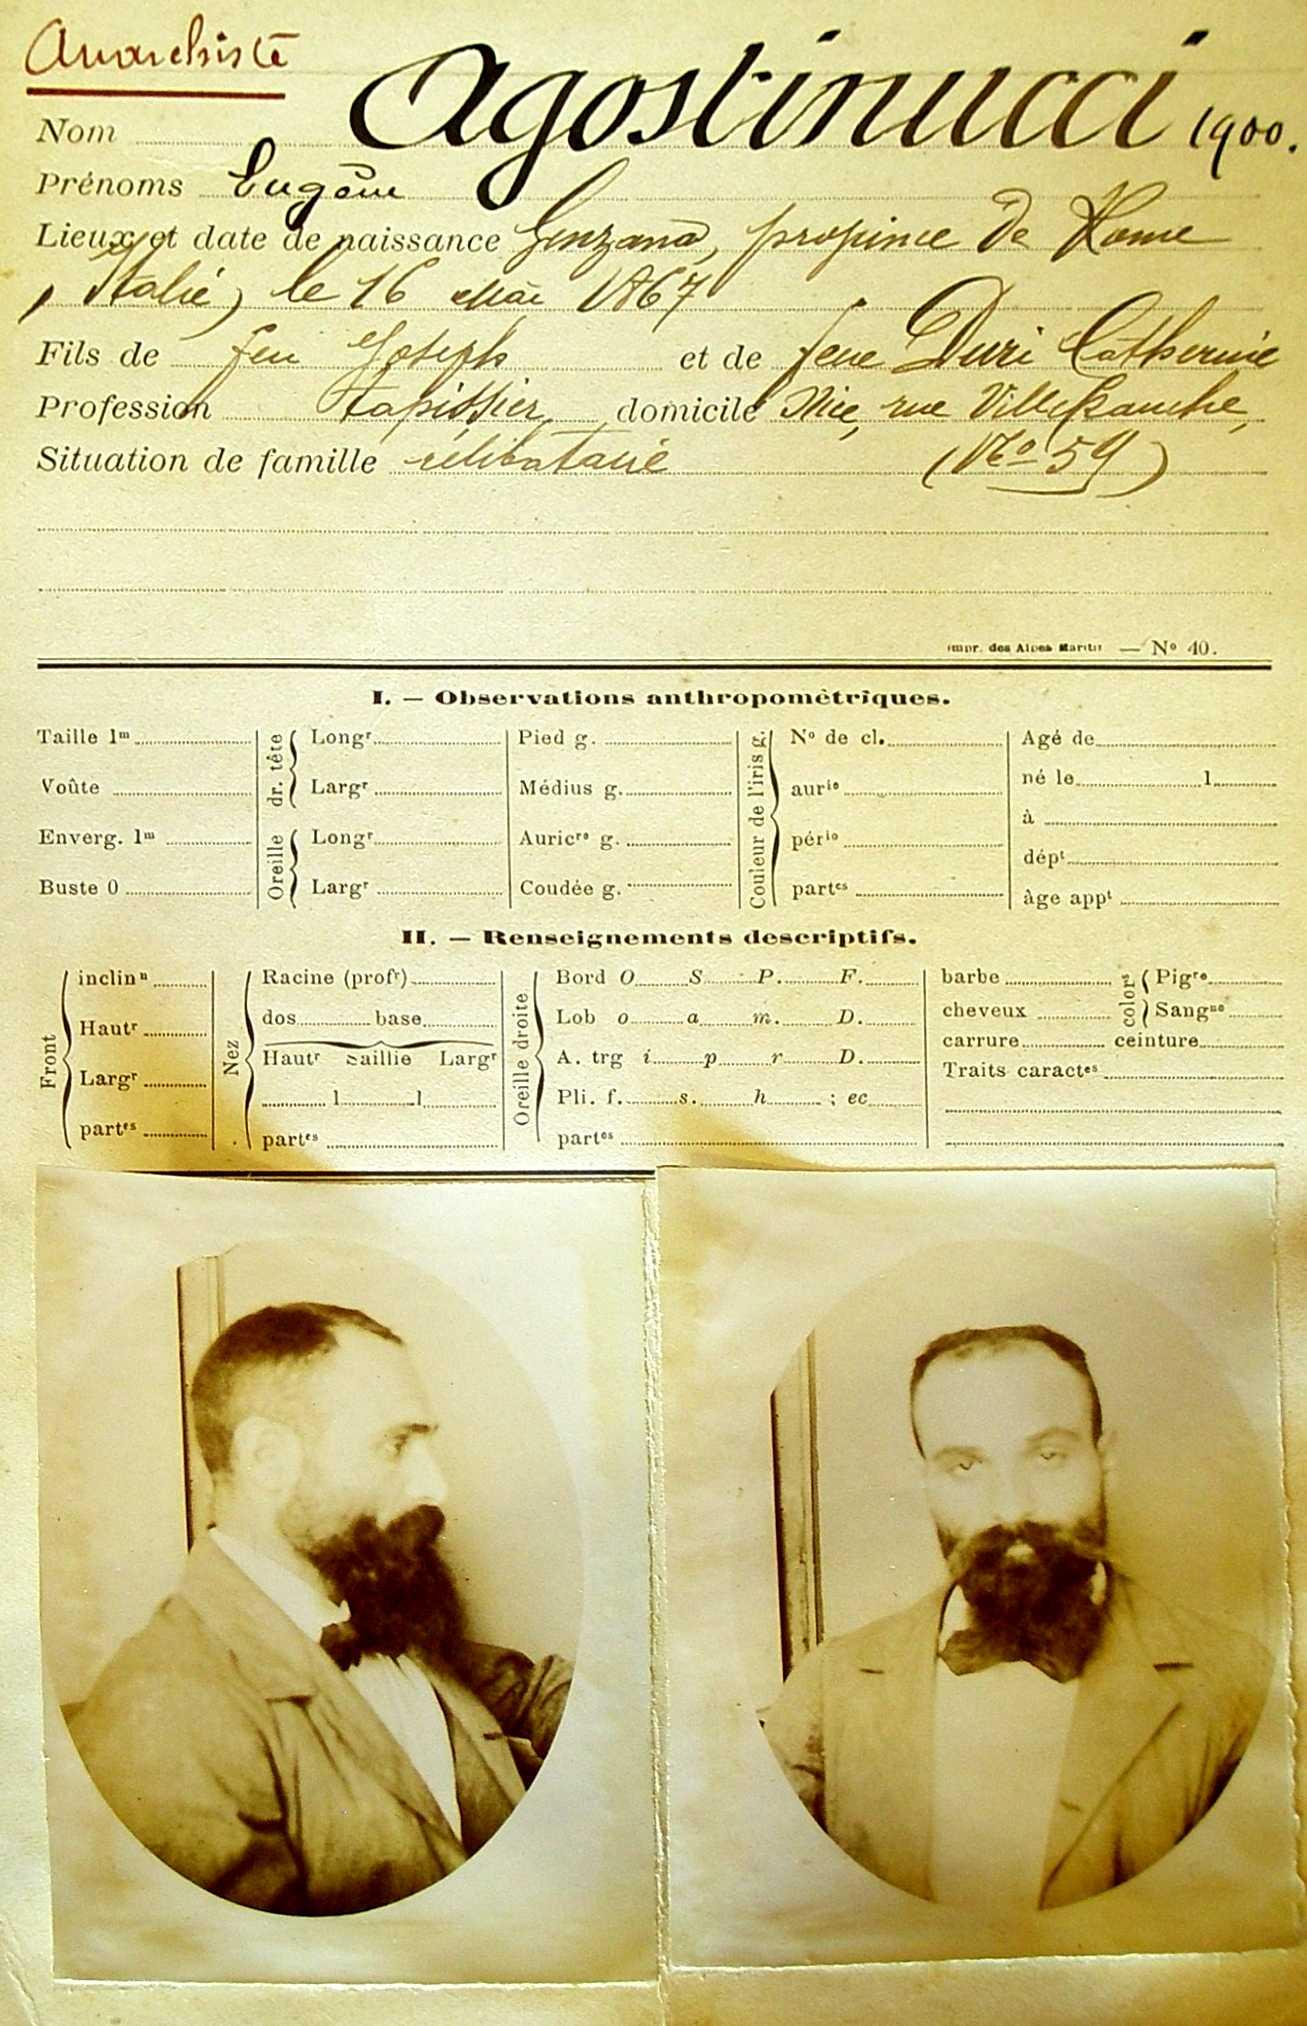 Fitxa de la policia francesa d'Eugenio Agustinucci